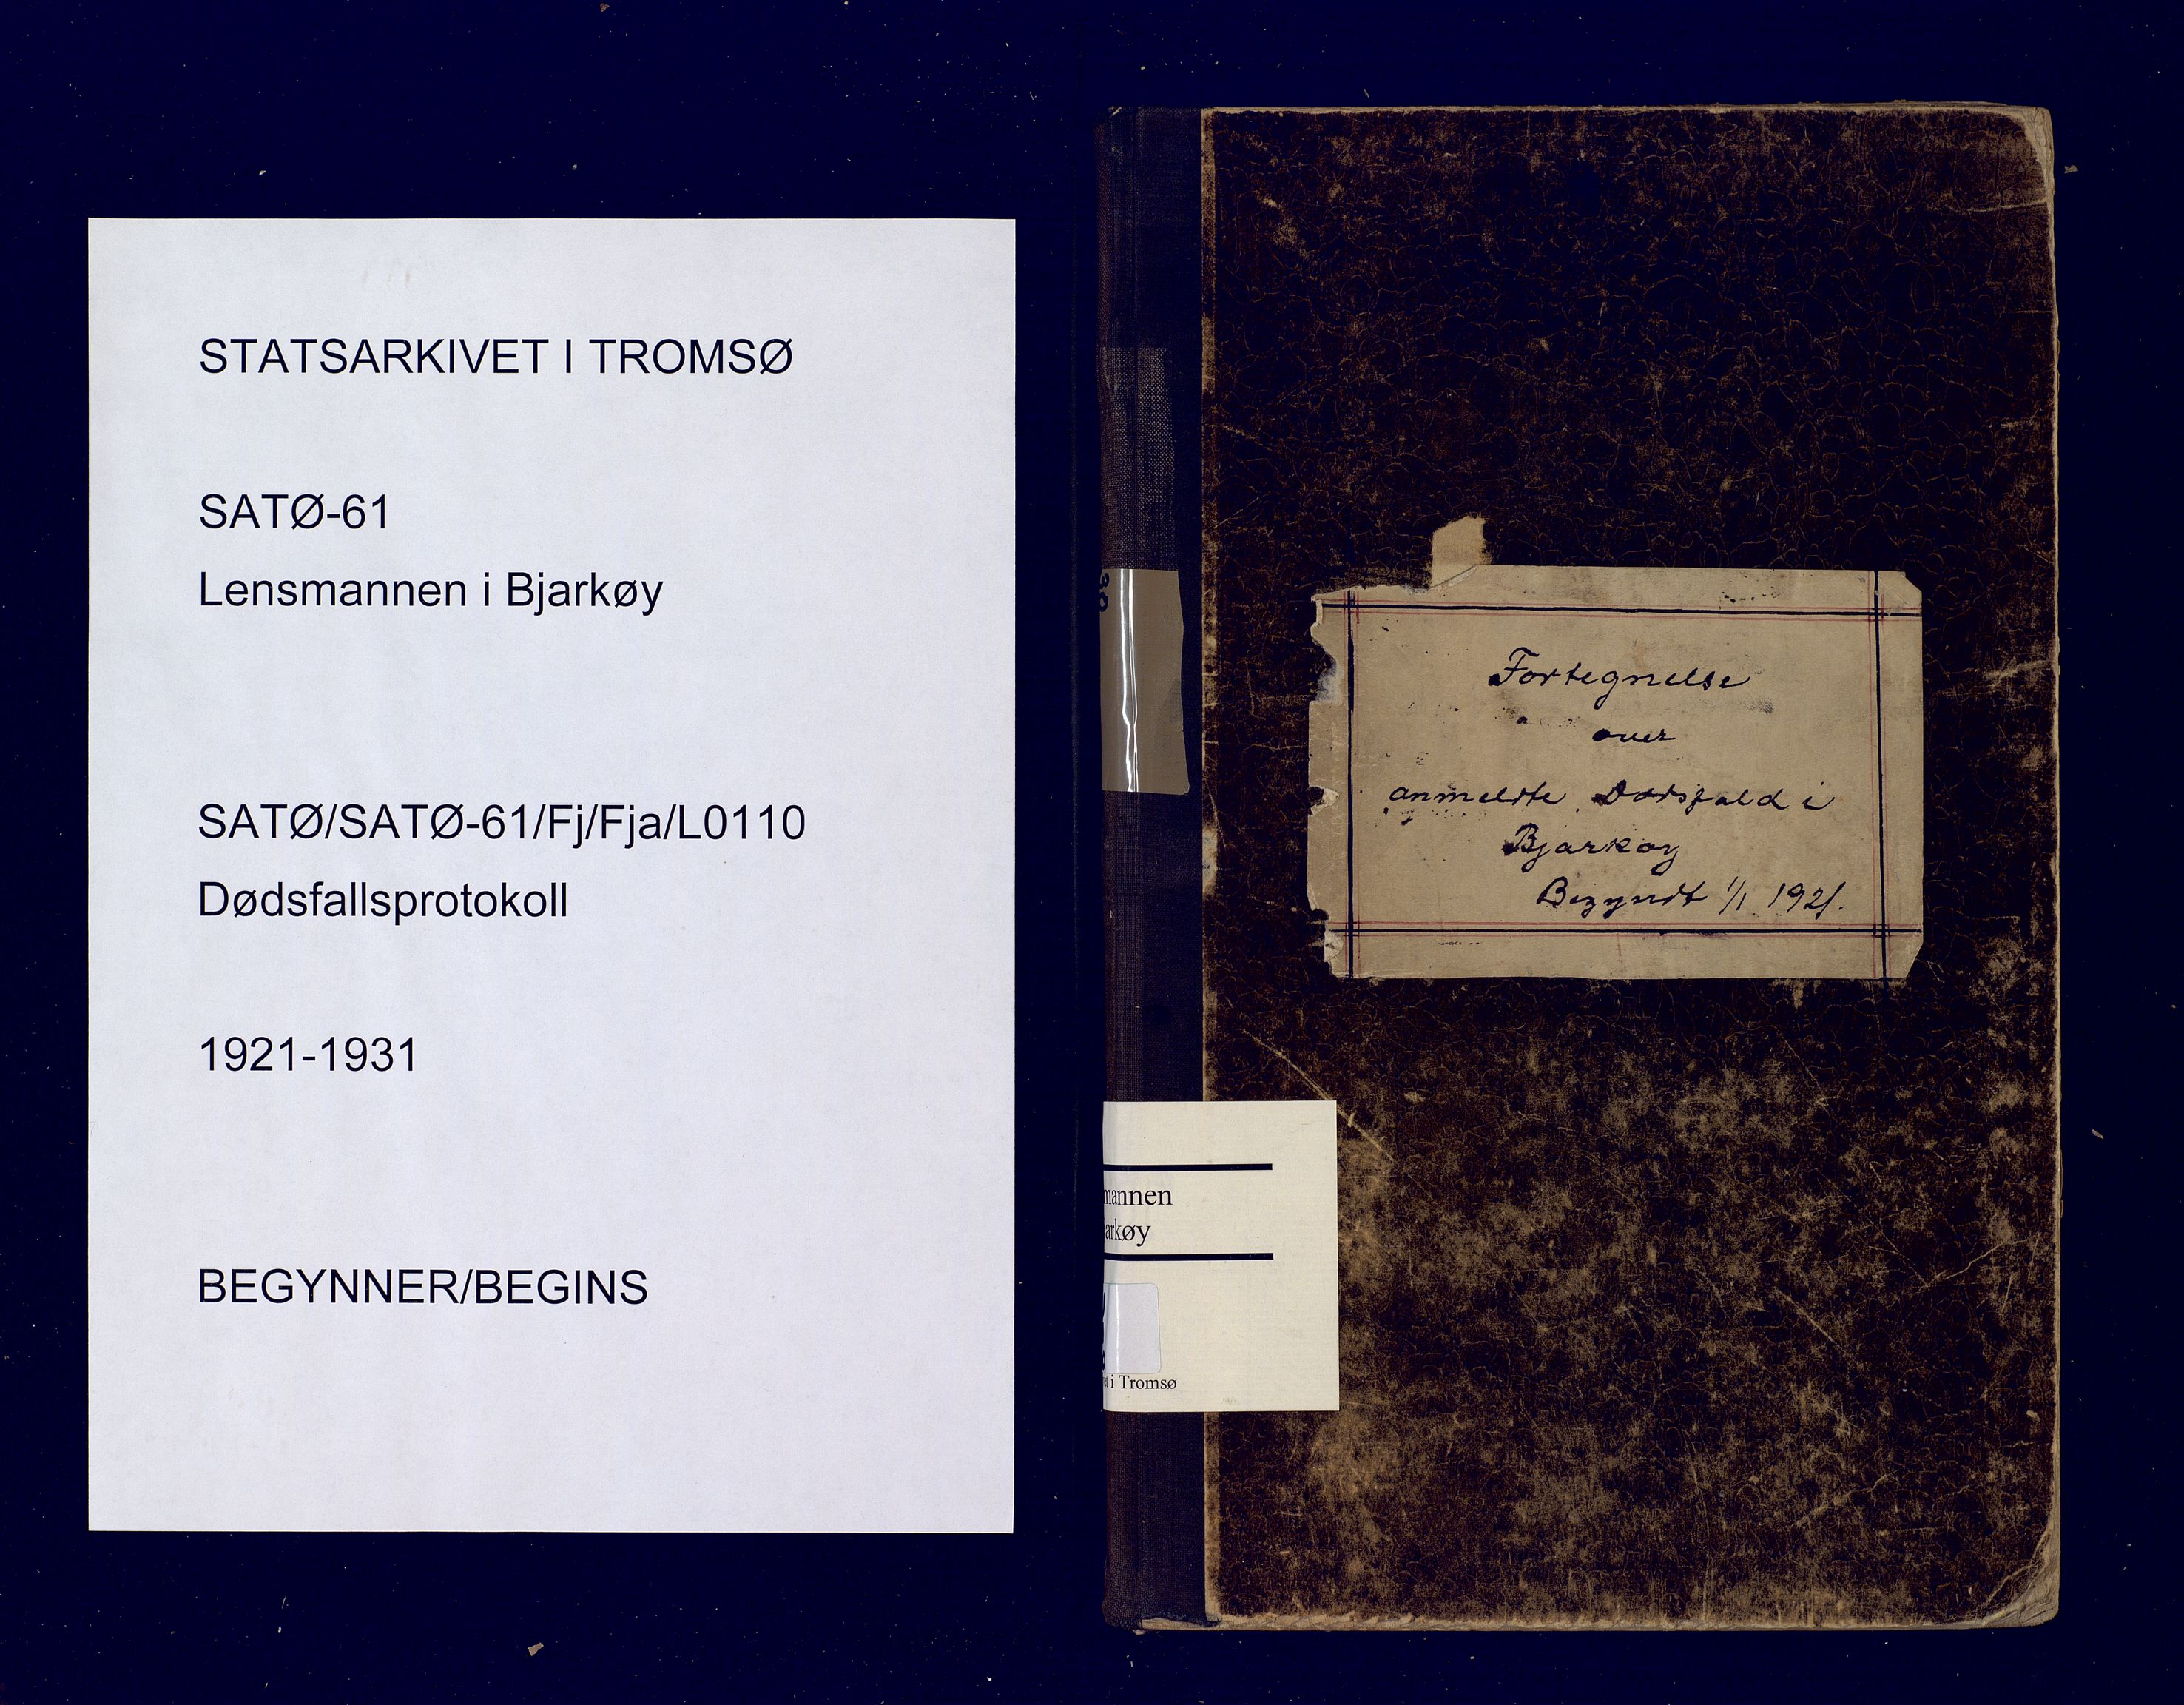 SATØ, Bjarkøy lensmannskontor, F/Fj/Fja/L0110: Dødsfallsprotokoll, med register løst i boken, 1921-1931